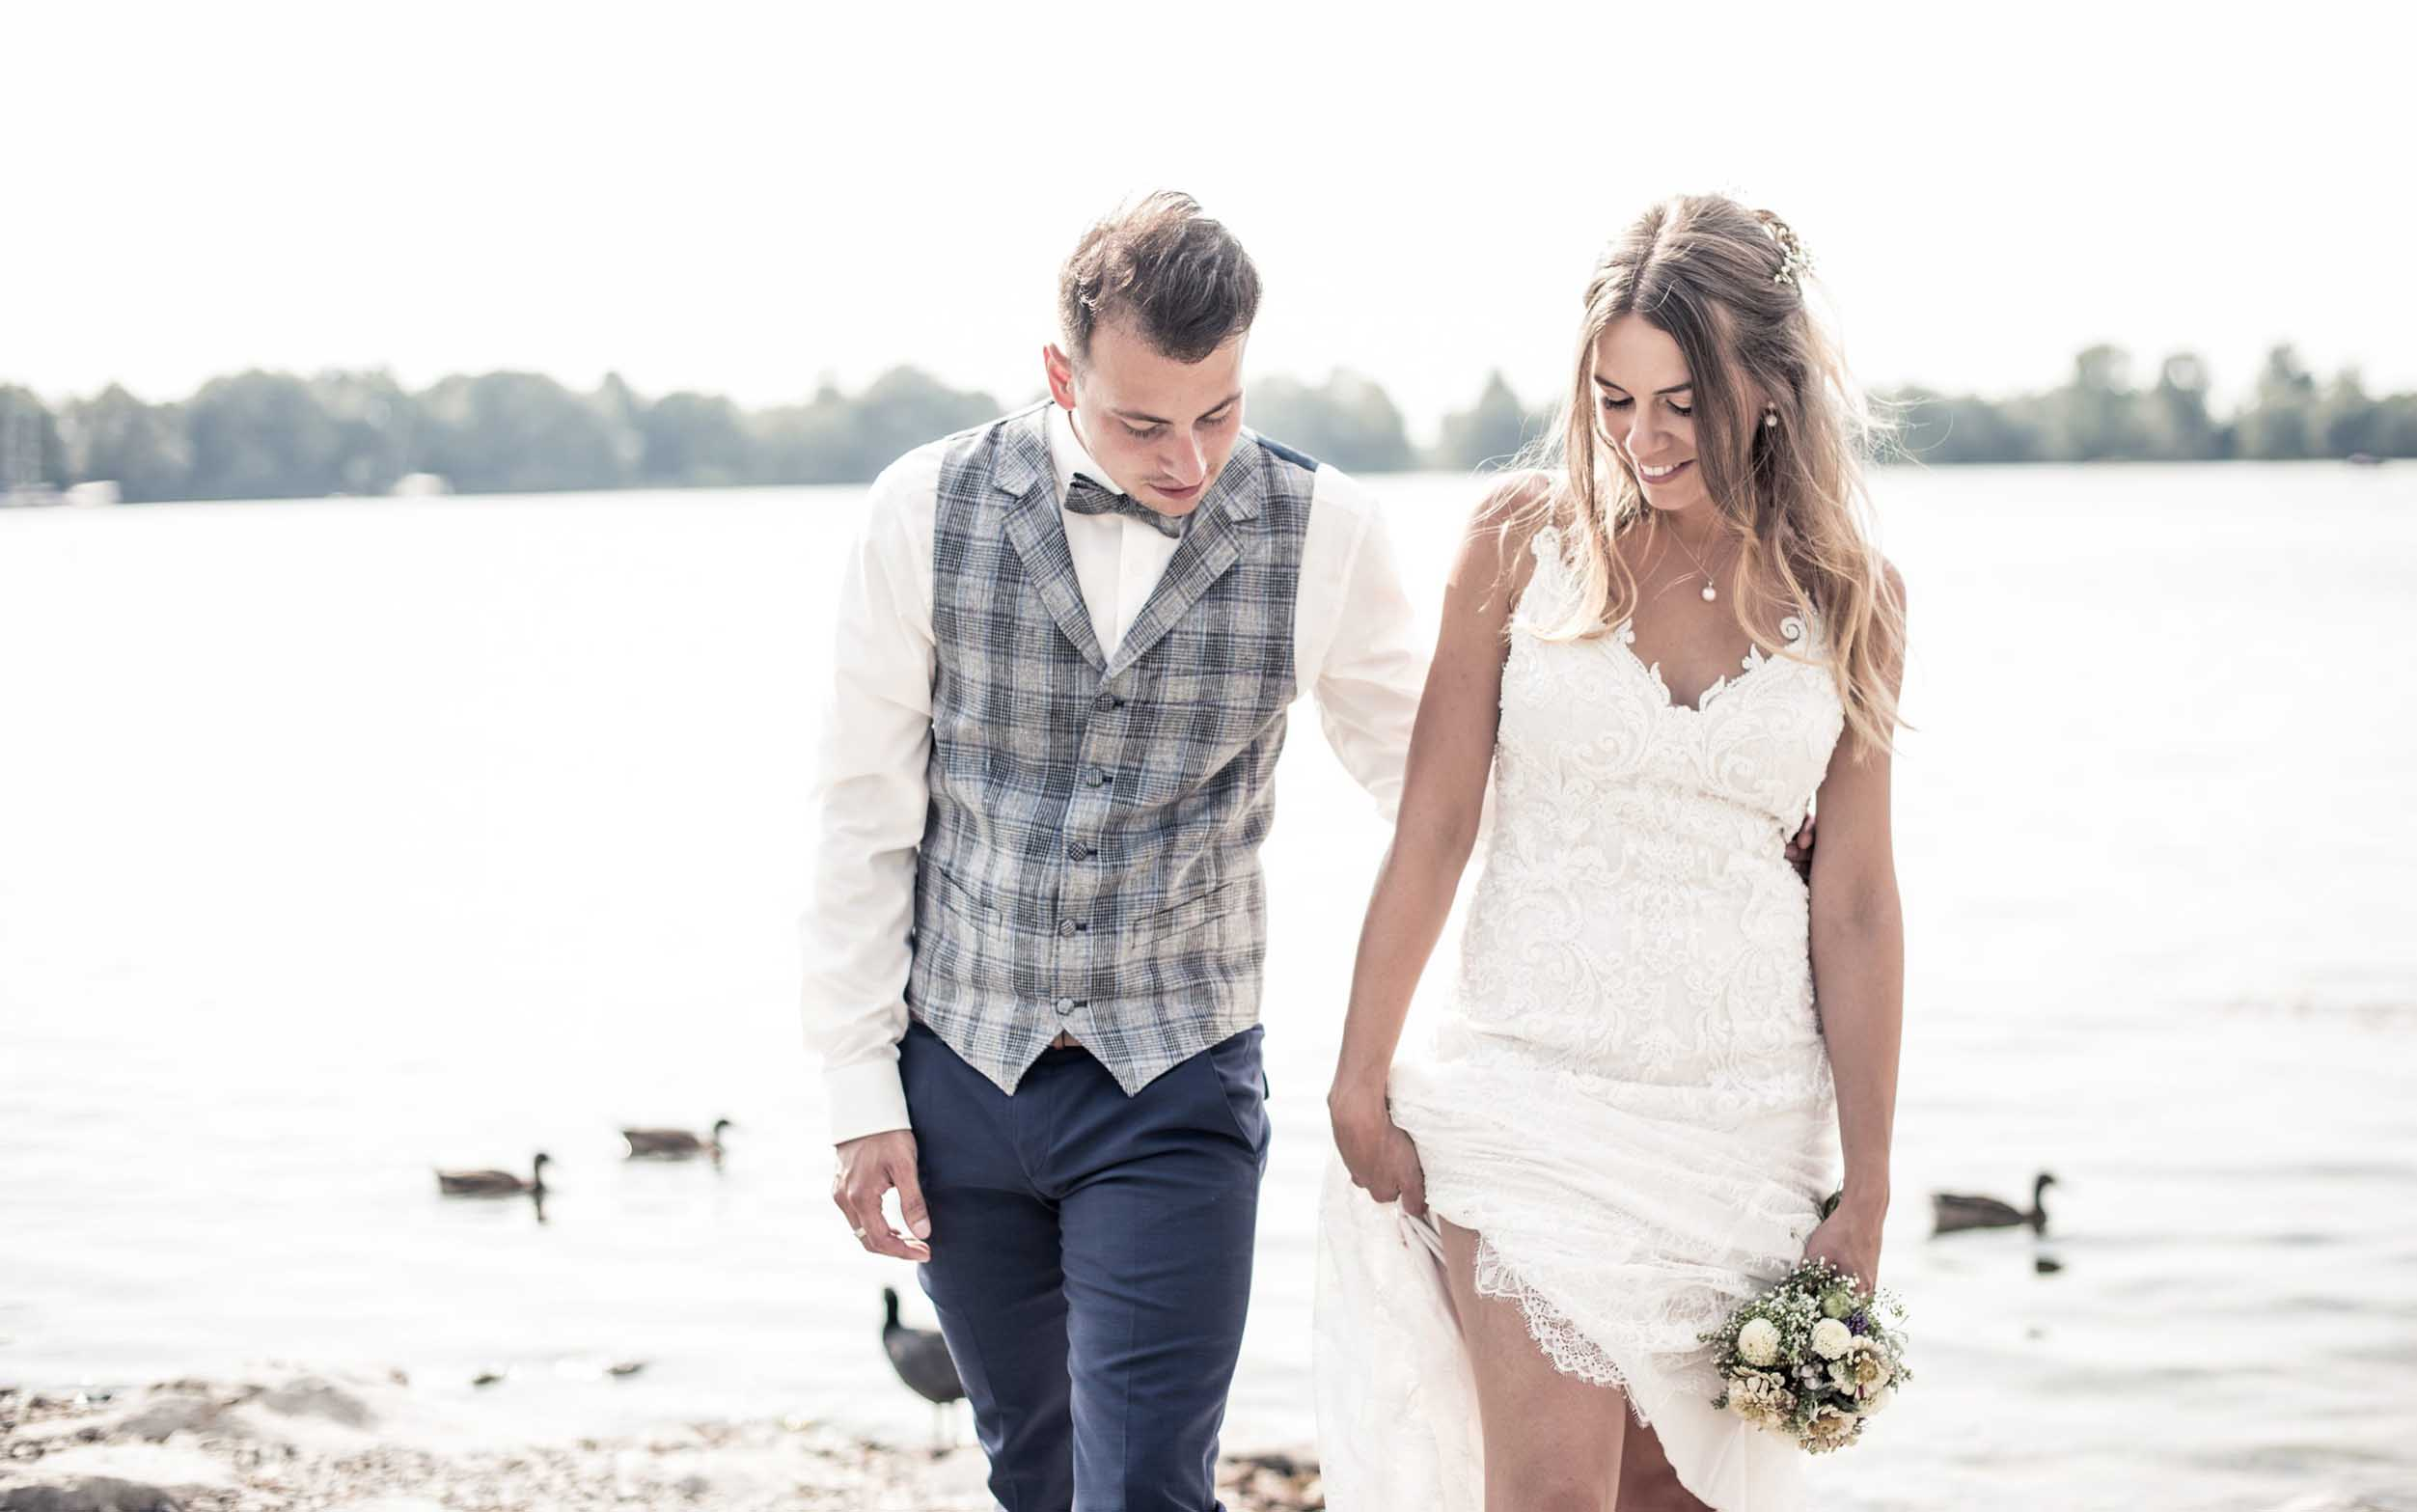 Hochzeitsfotografin Birgit Riedmann